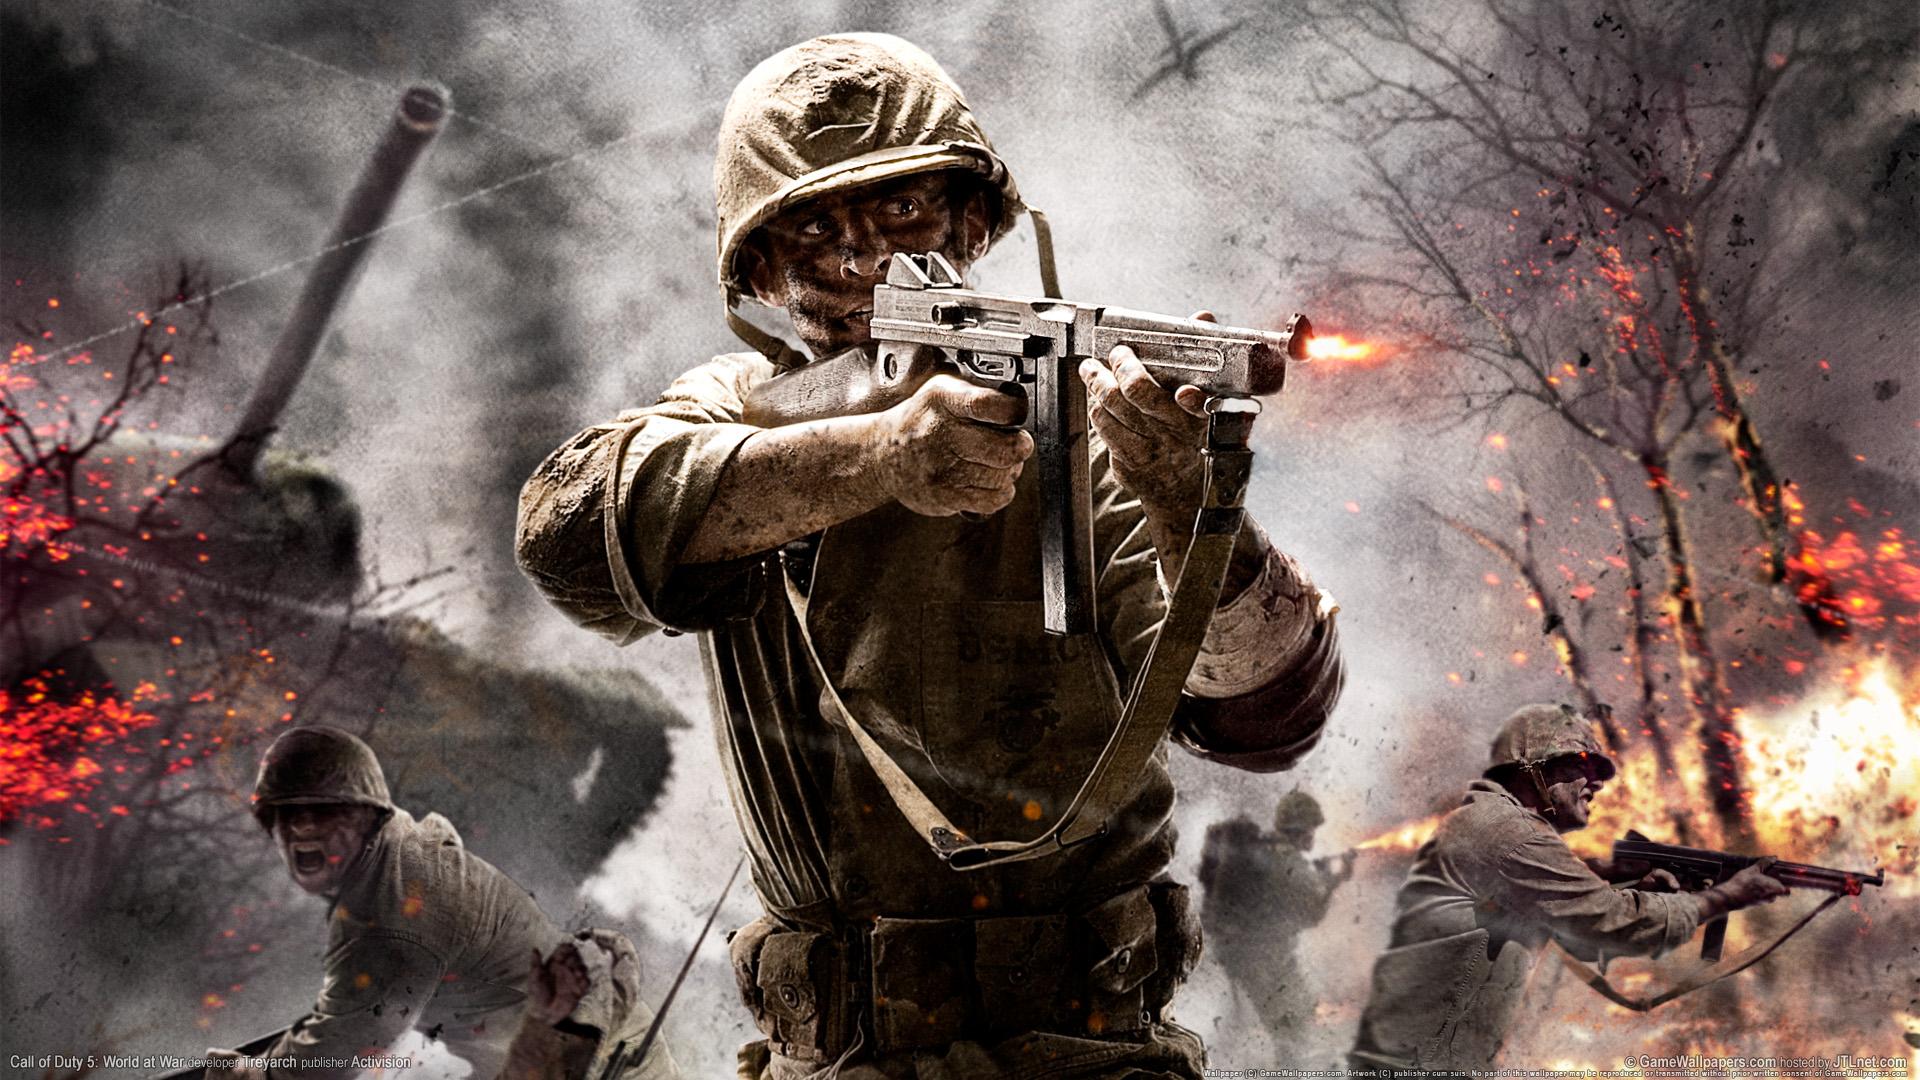 Lanzan un Pack de DLC para Call of Duty: World at War